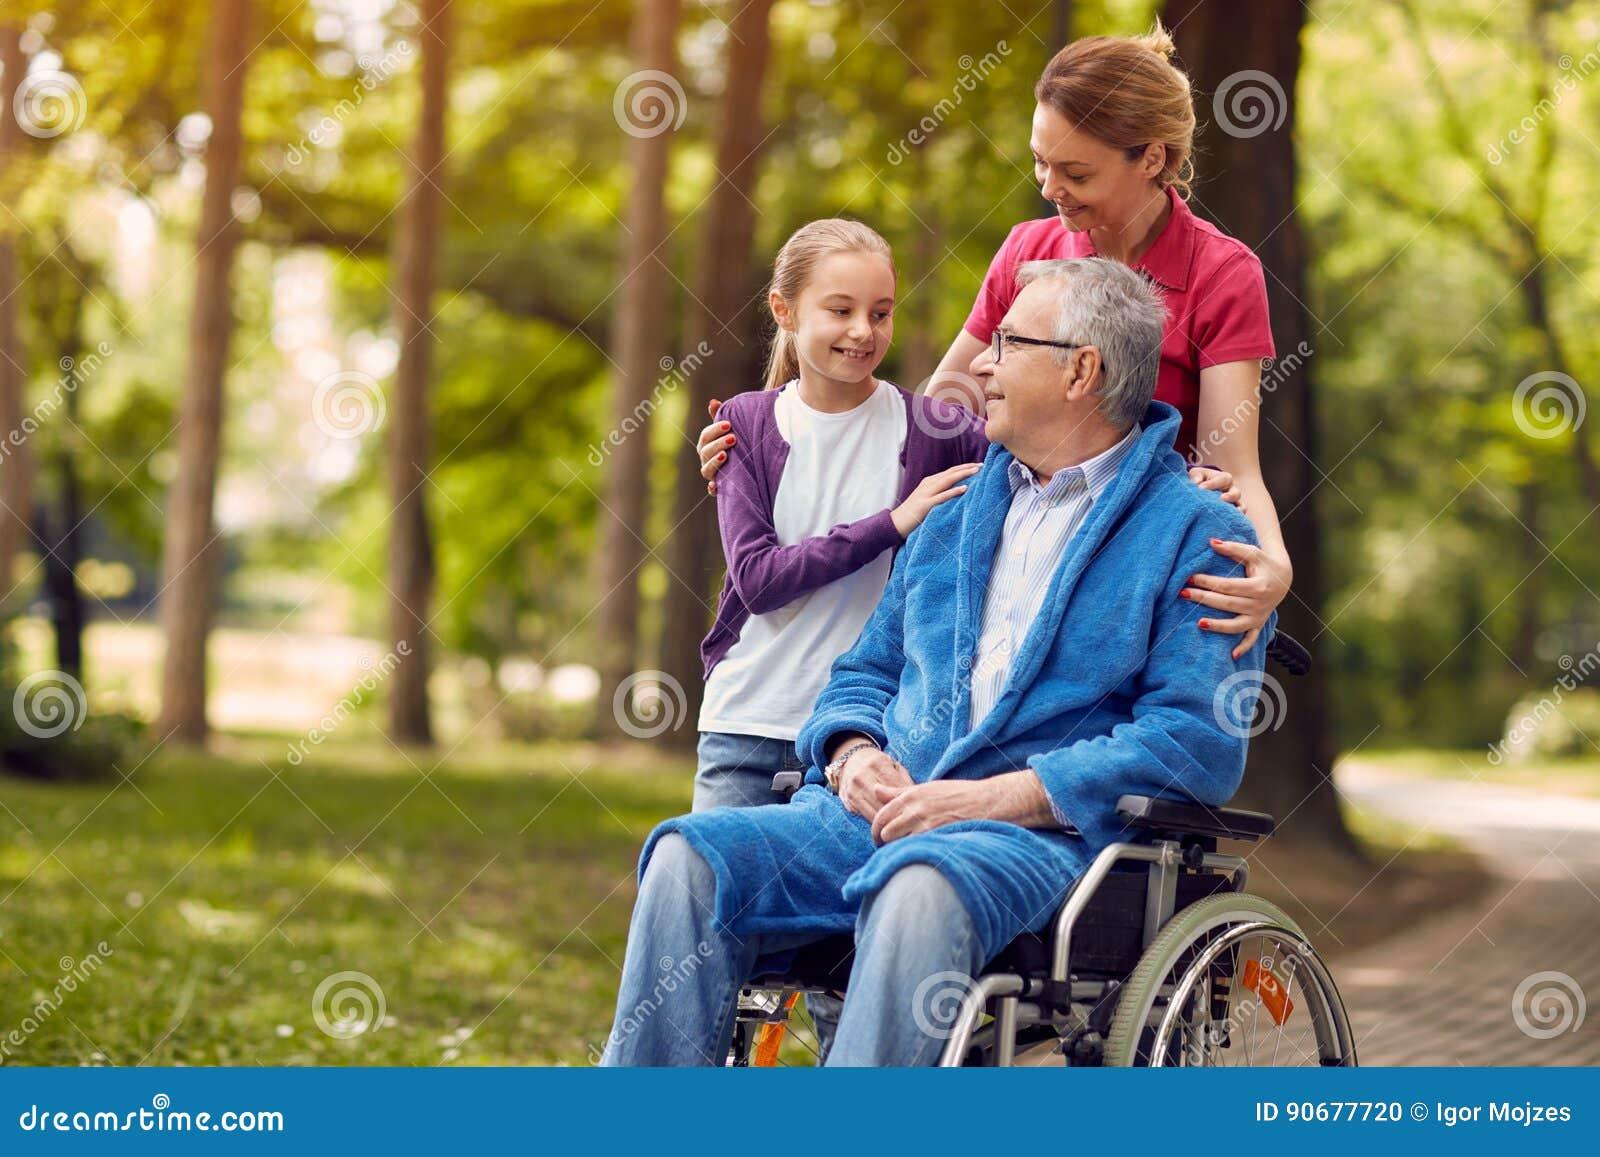 Femme rendant visite à son père handicapé dans le fauteuil roulant avec le granddaugh